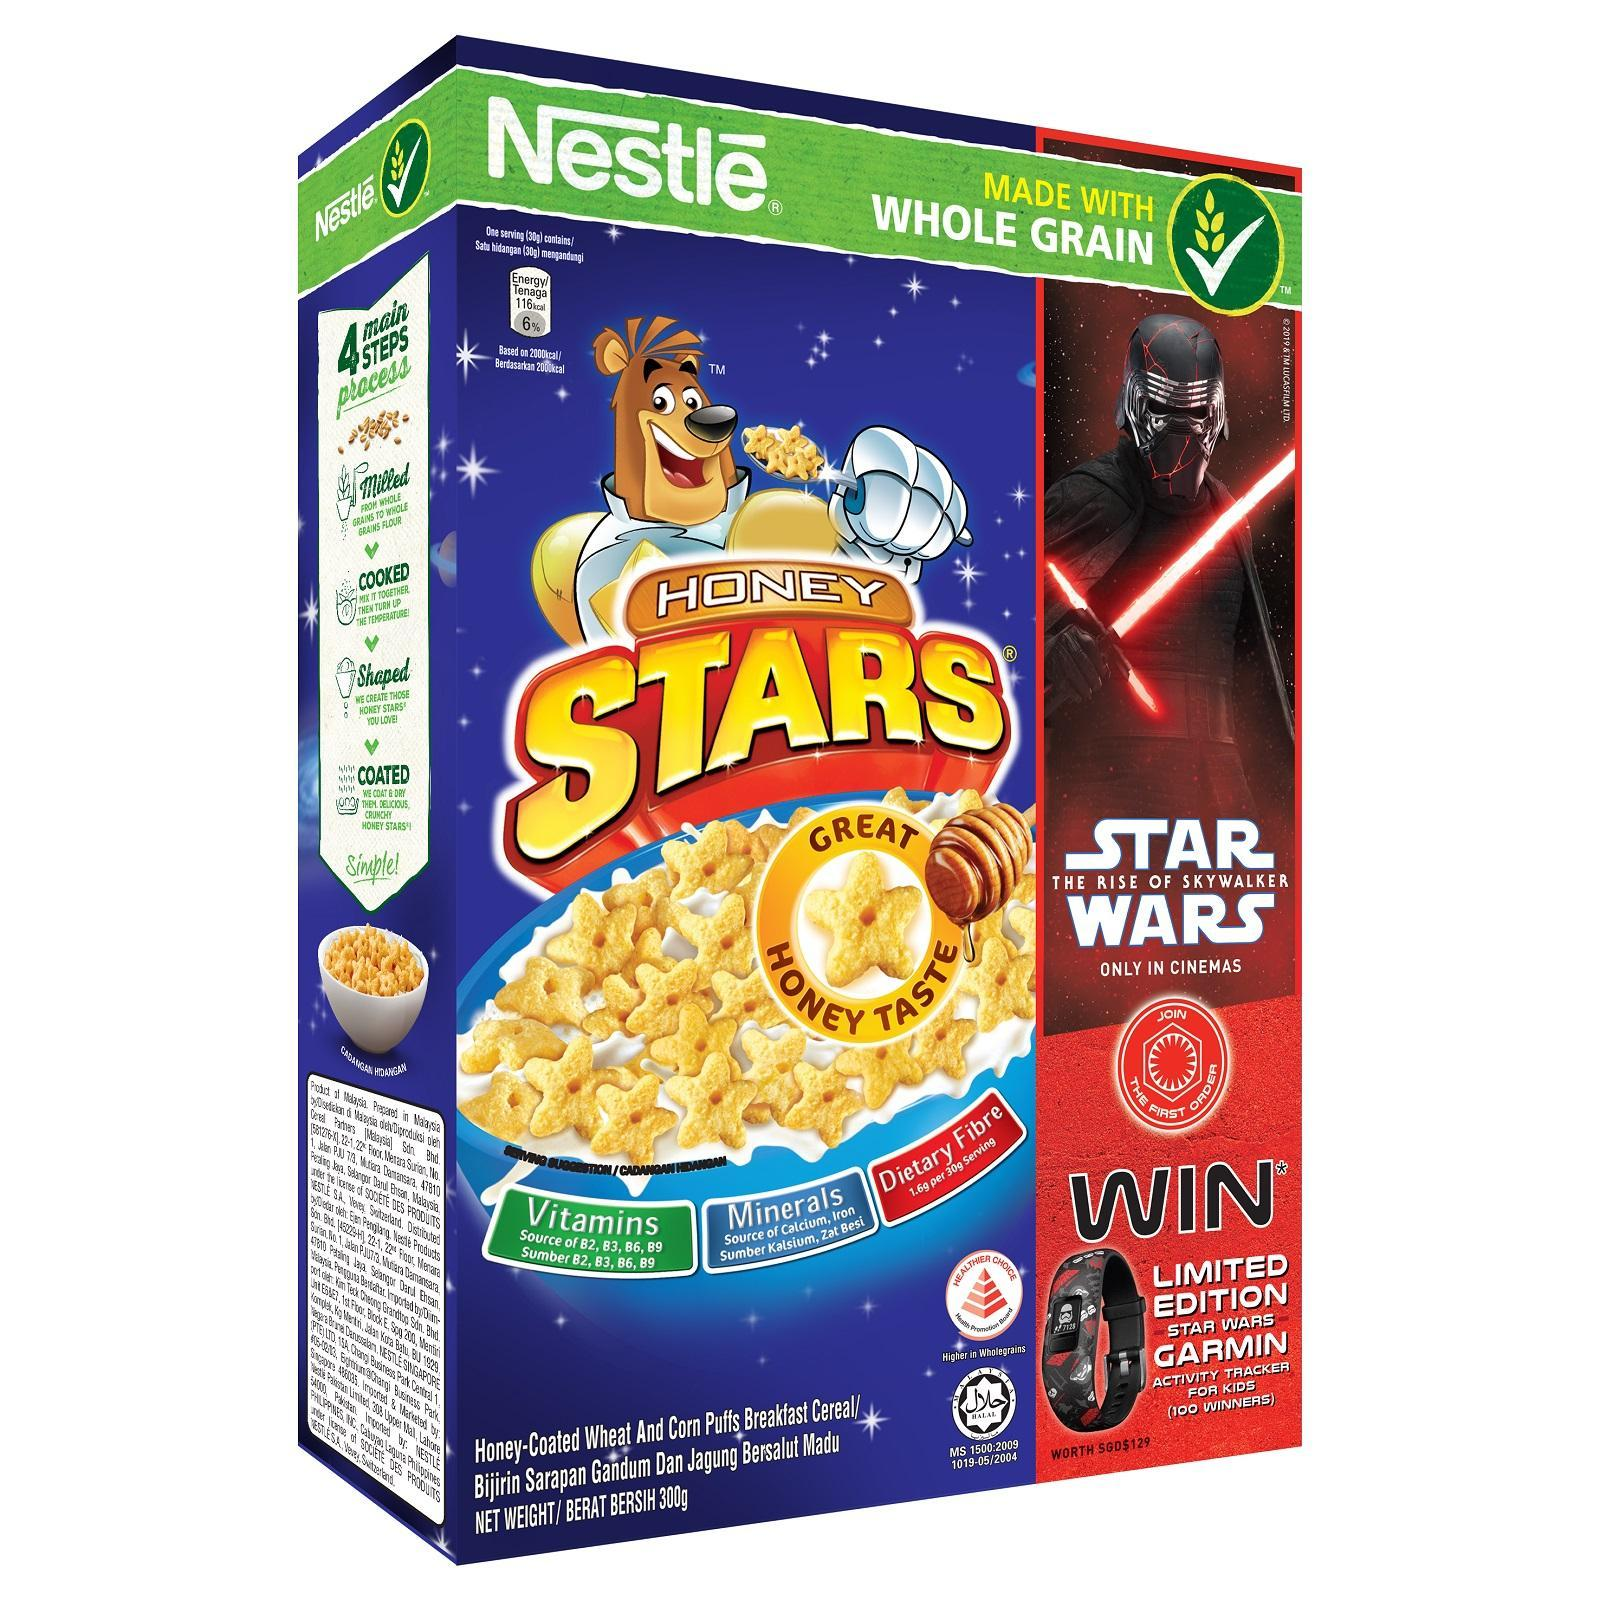 Nestle Honey Stars Cereal Star Wars Promo